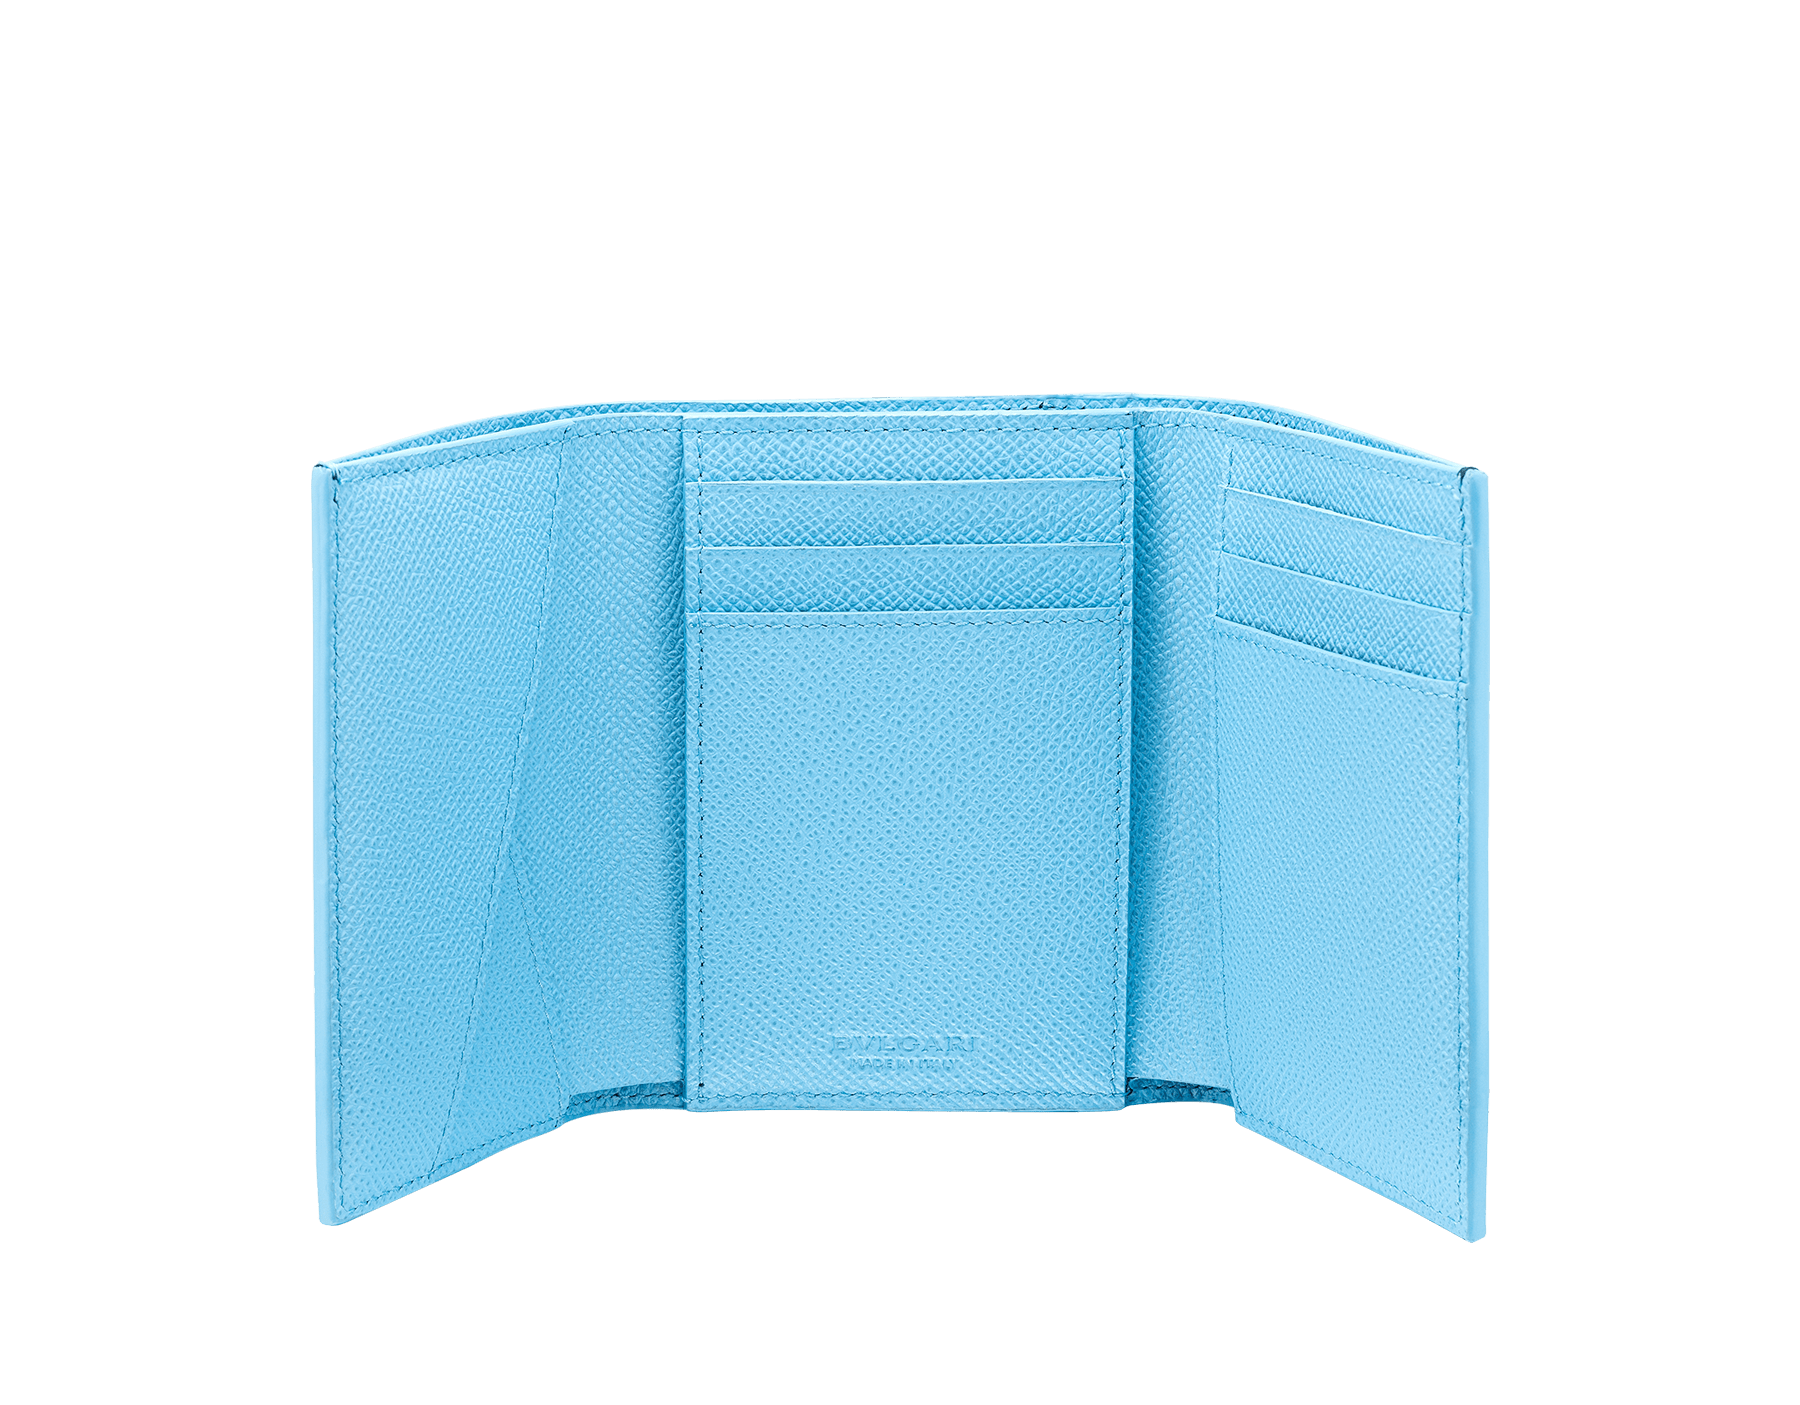 Portefeuille compact pour homme BVLGARI BVLGARI en cuir de veau grainé couleur bleu Denim Sapphire et couleur bleu clair Aegean Topaz. Fermoir emblématique orné du logo Bvlgari en laiton. BCM-YENCOMPACTZP image 2